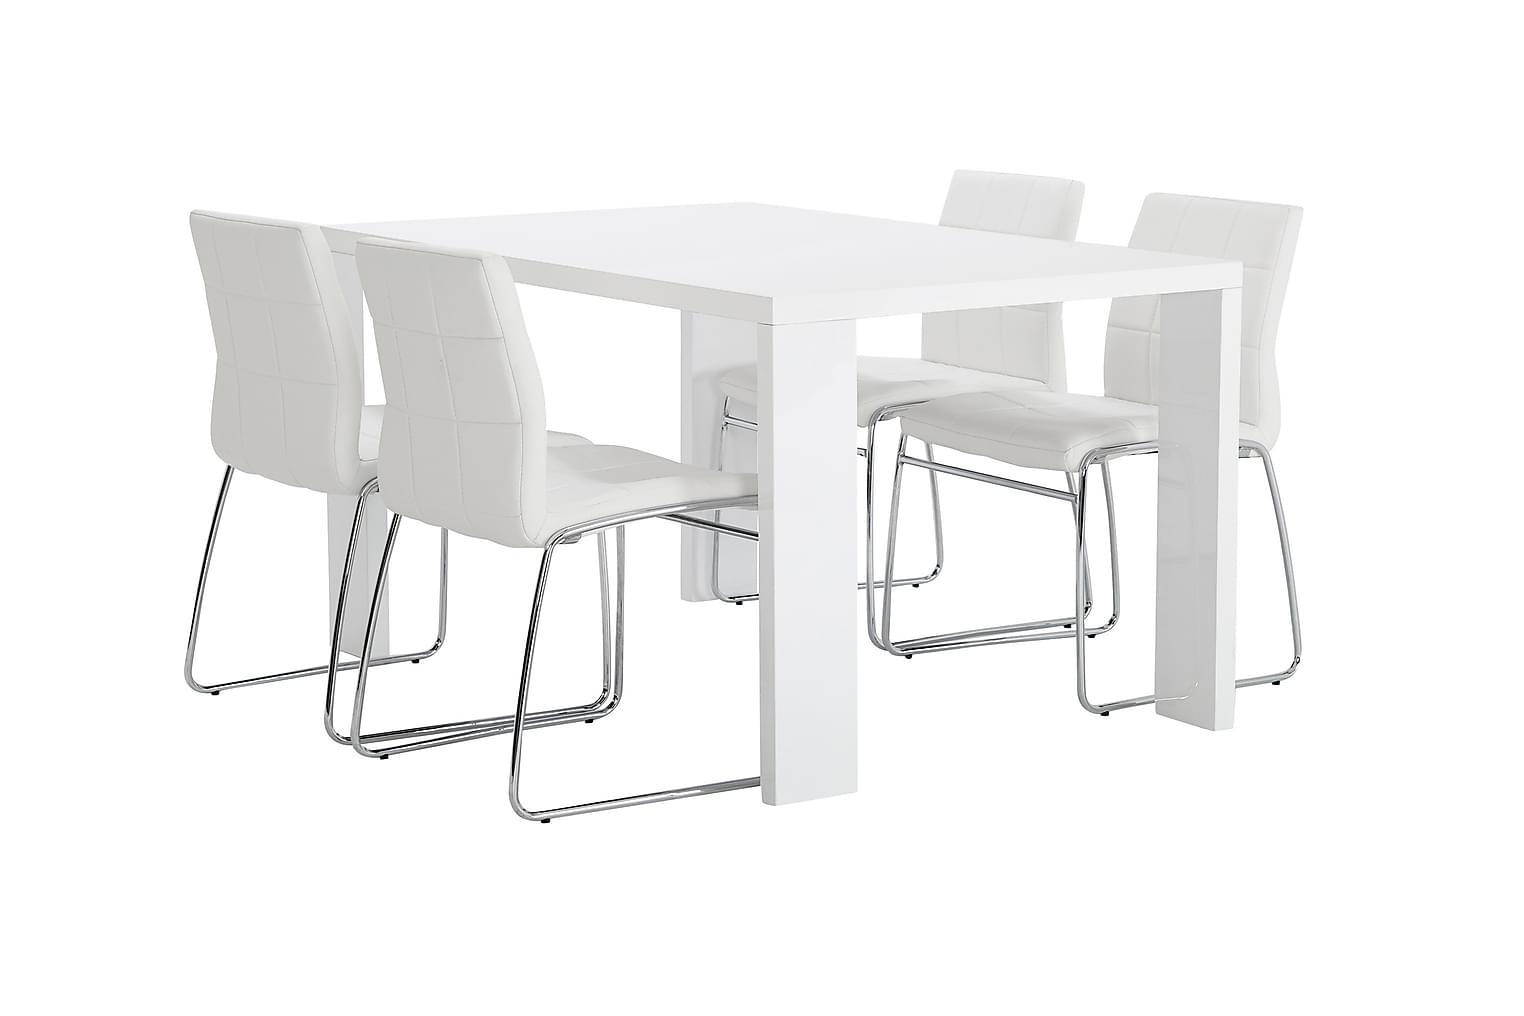 RÖNNE Pöytä 160 Valkoinen + 4 VISKAN Tuolia Valkoinen